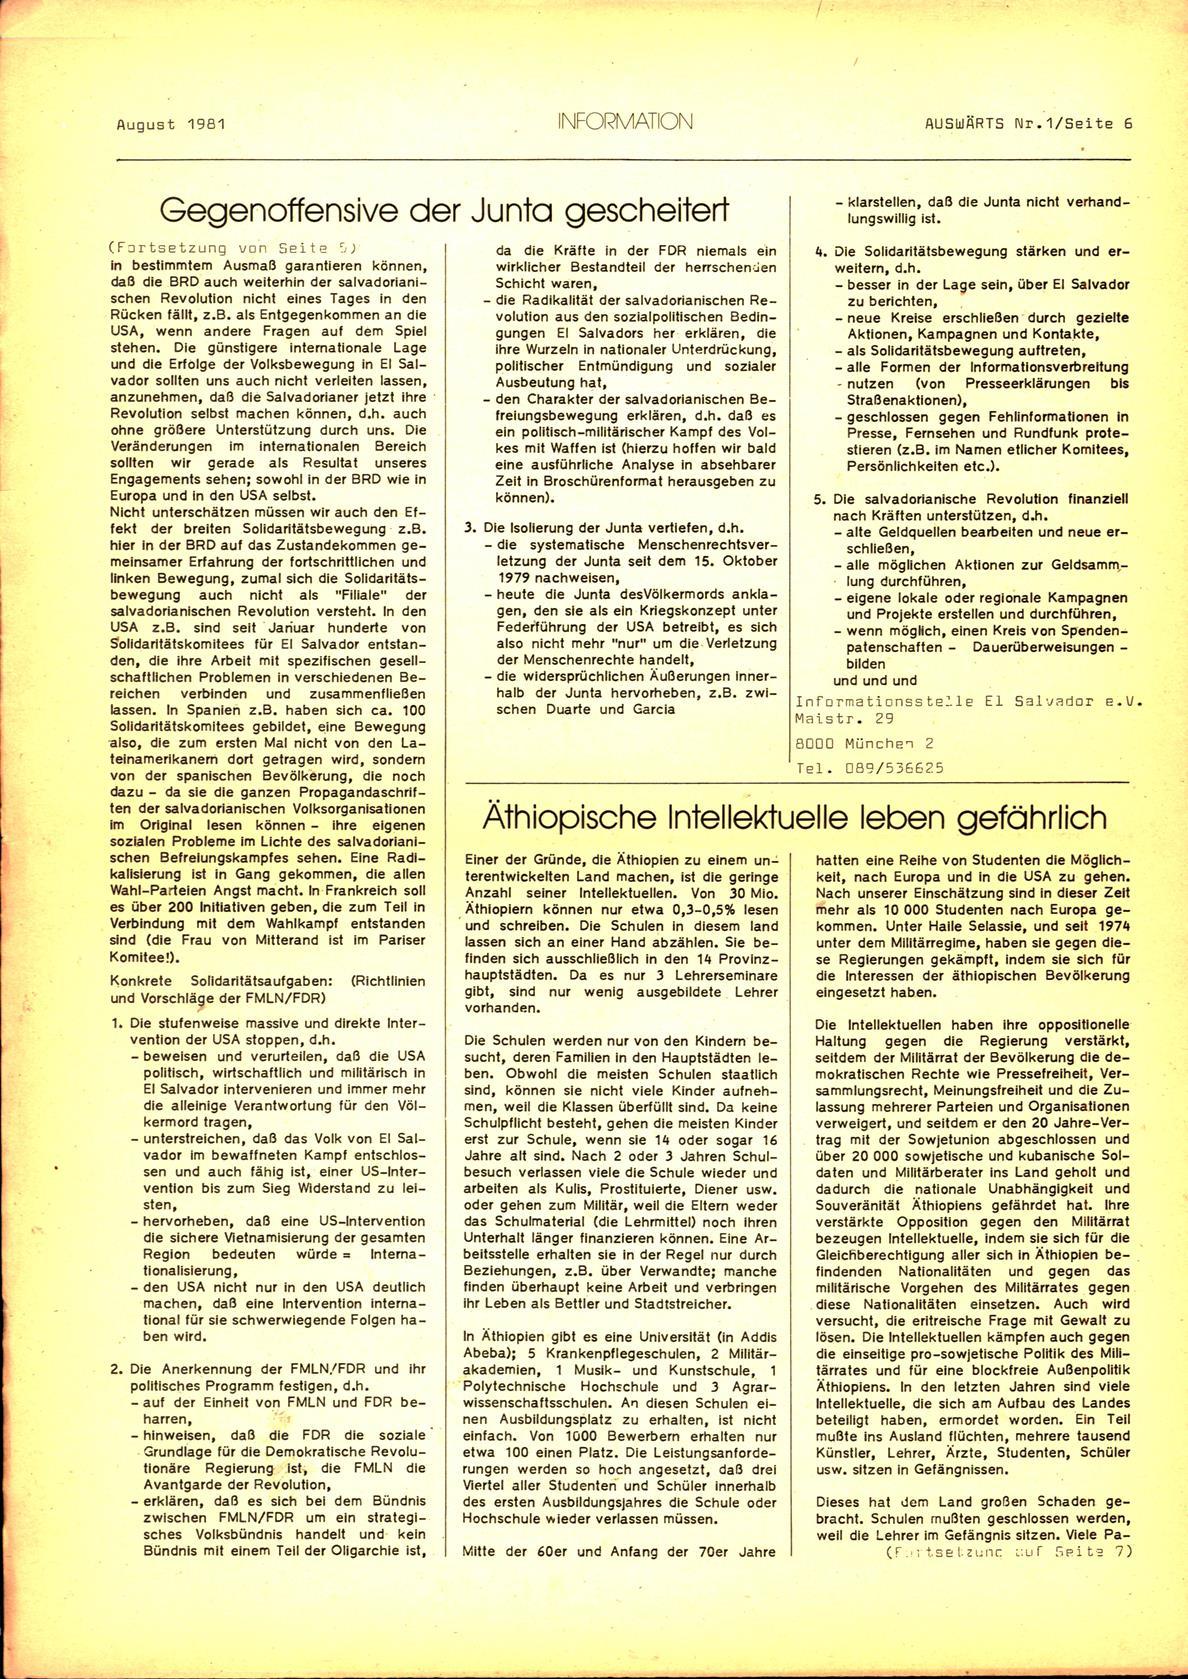 Muenchen_Auslaenderzentrum_Auswaerts_19810803_06